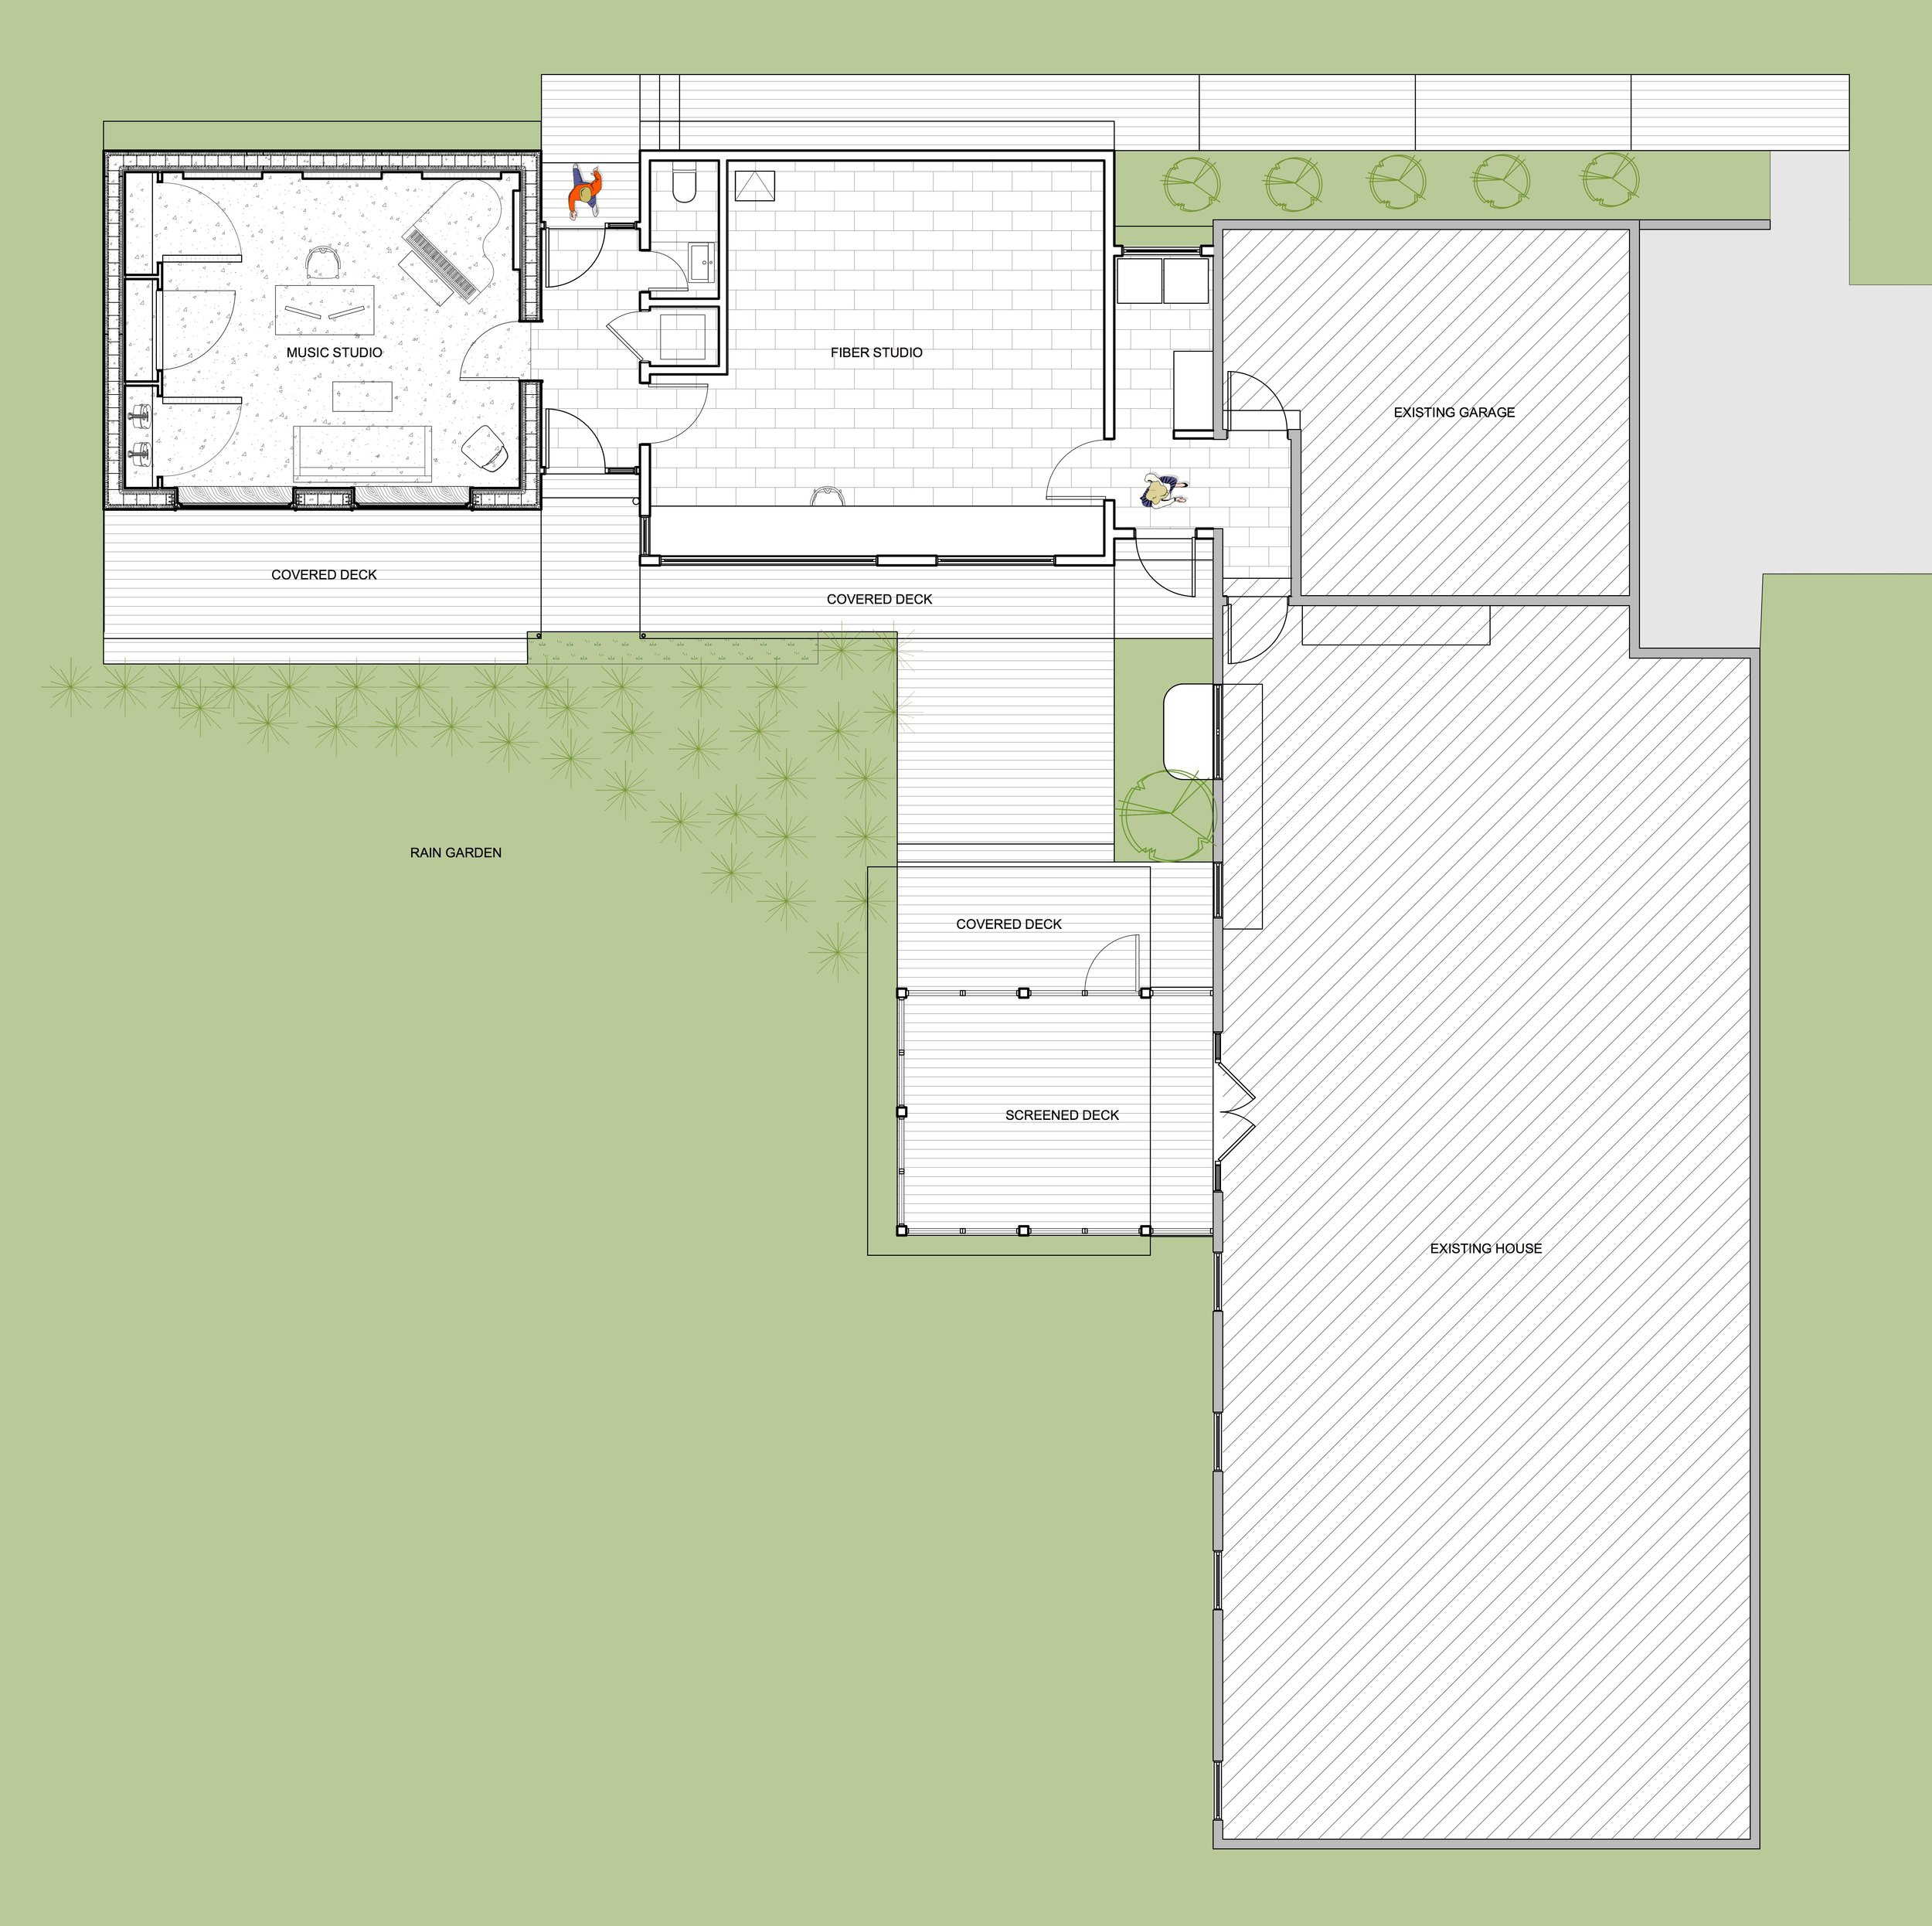 Duby Steuwe Floor Plan.jpg